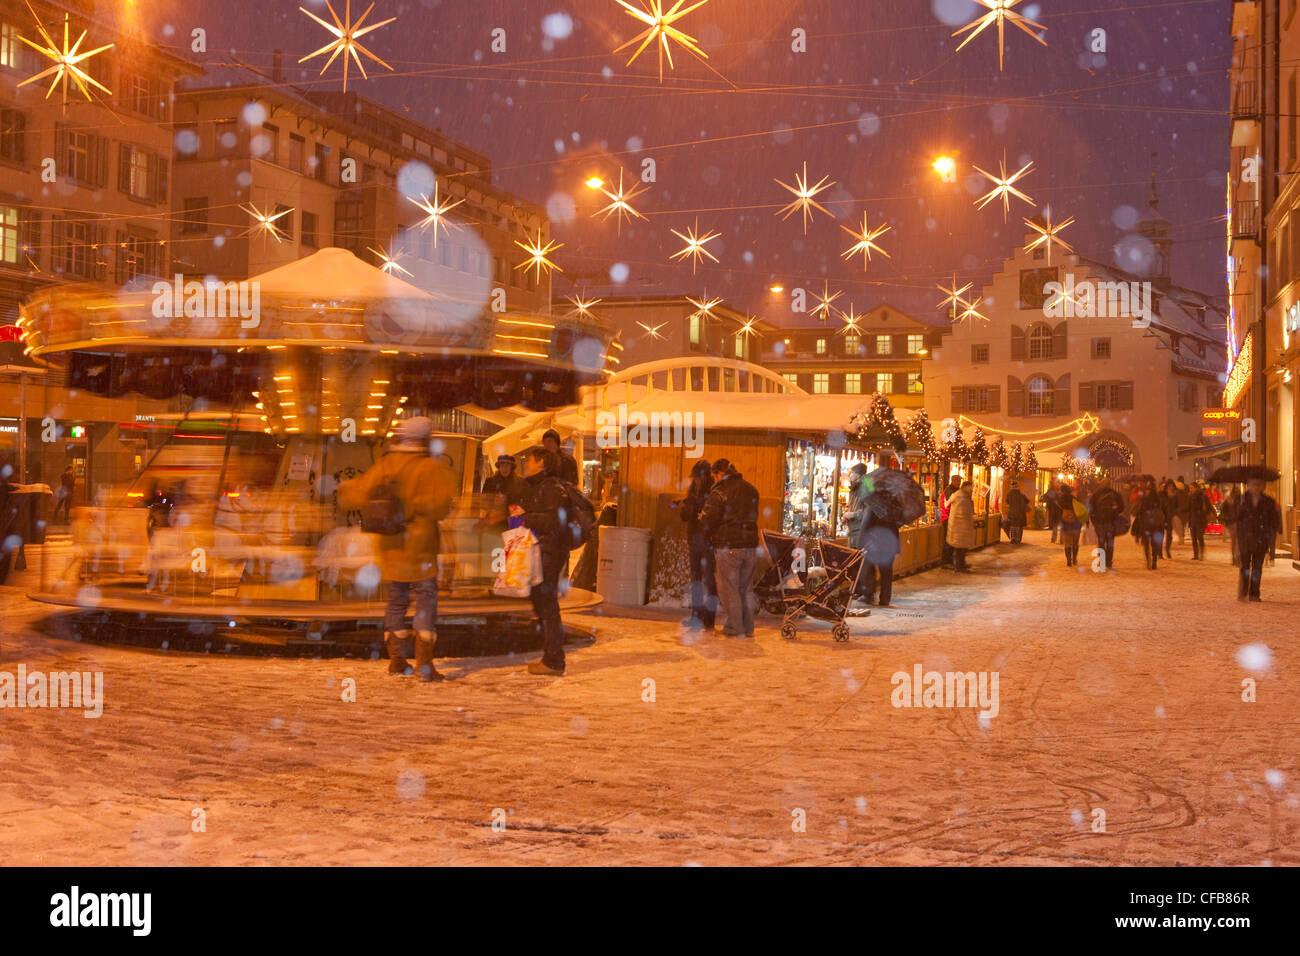 Stadt, Stadt, Weihnachten, Advent, Winter, Schnee, Kanton St. Gallen ...